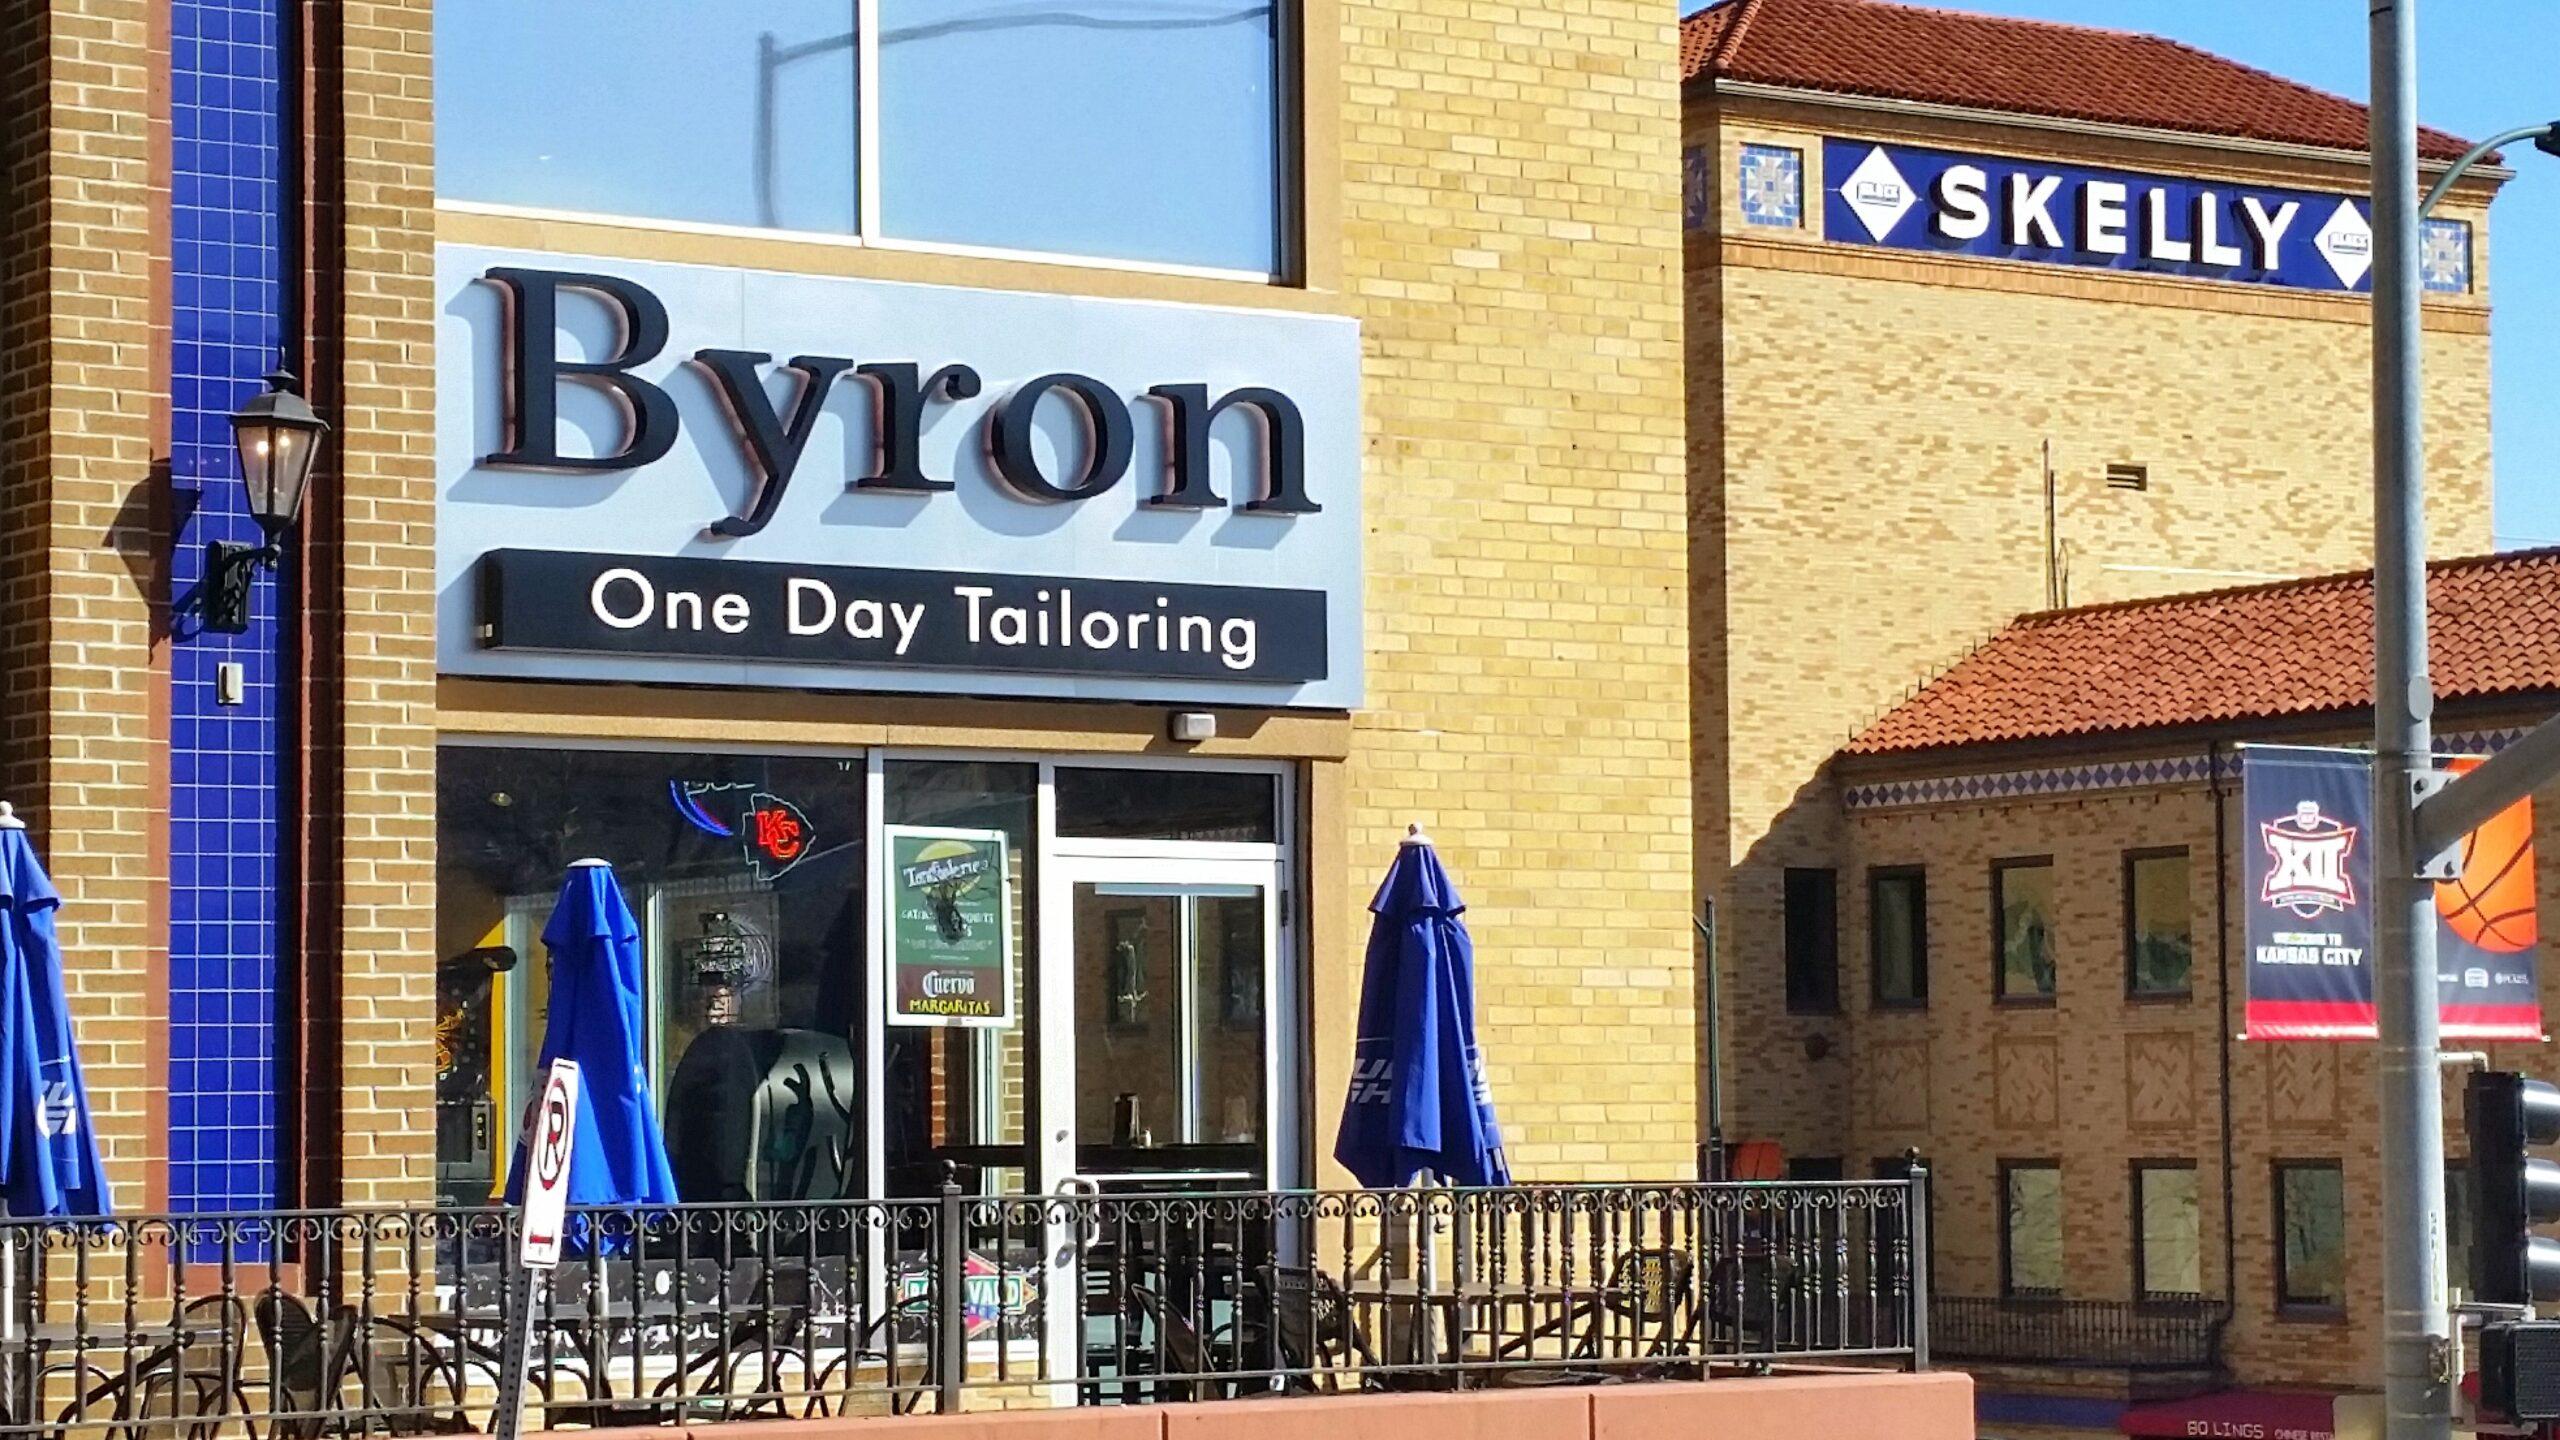 byron signage